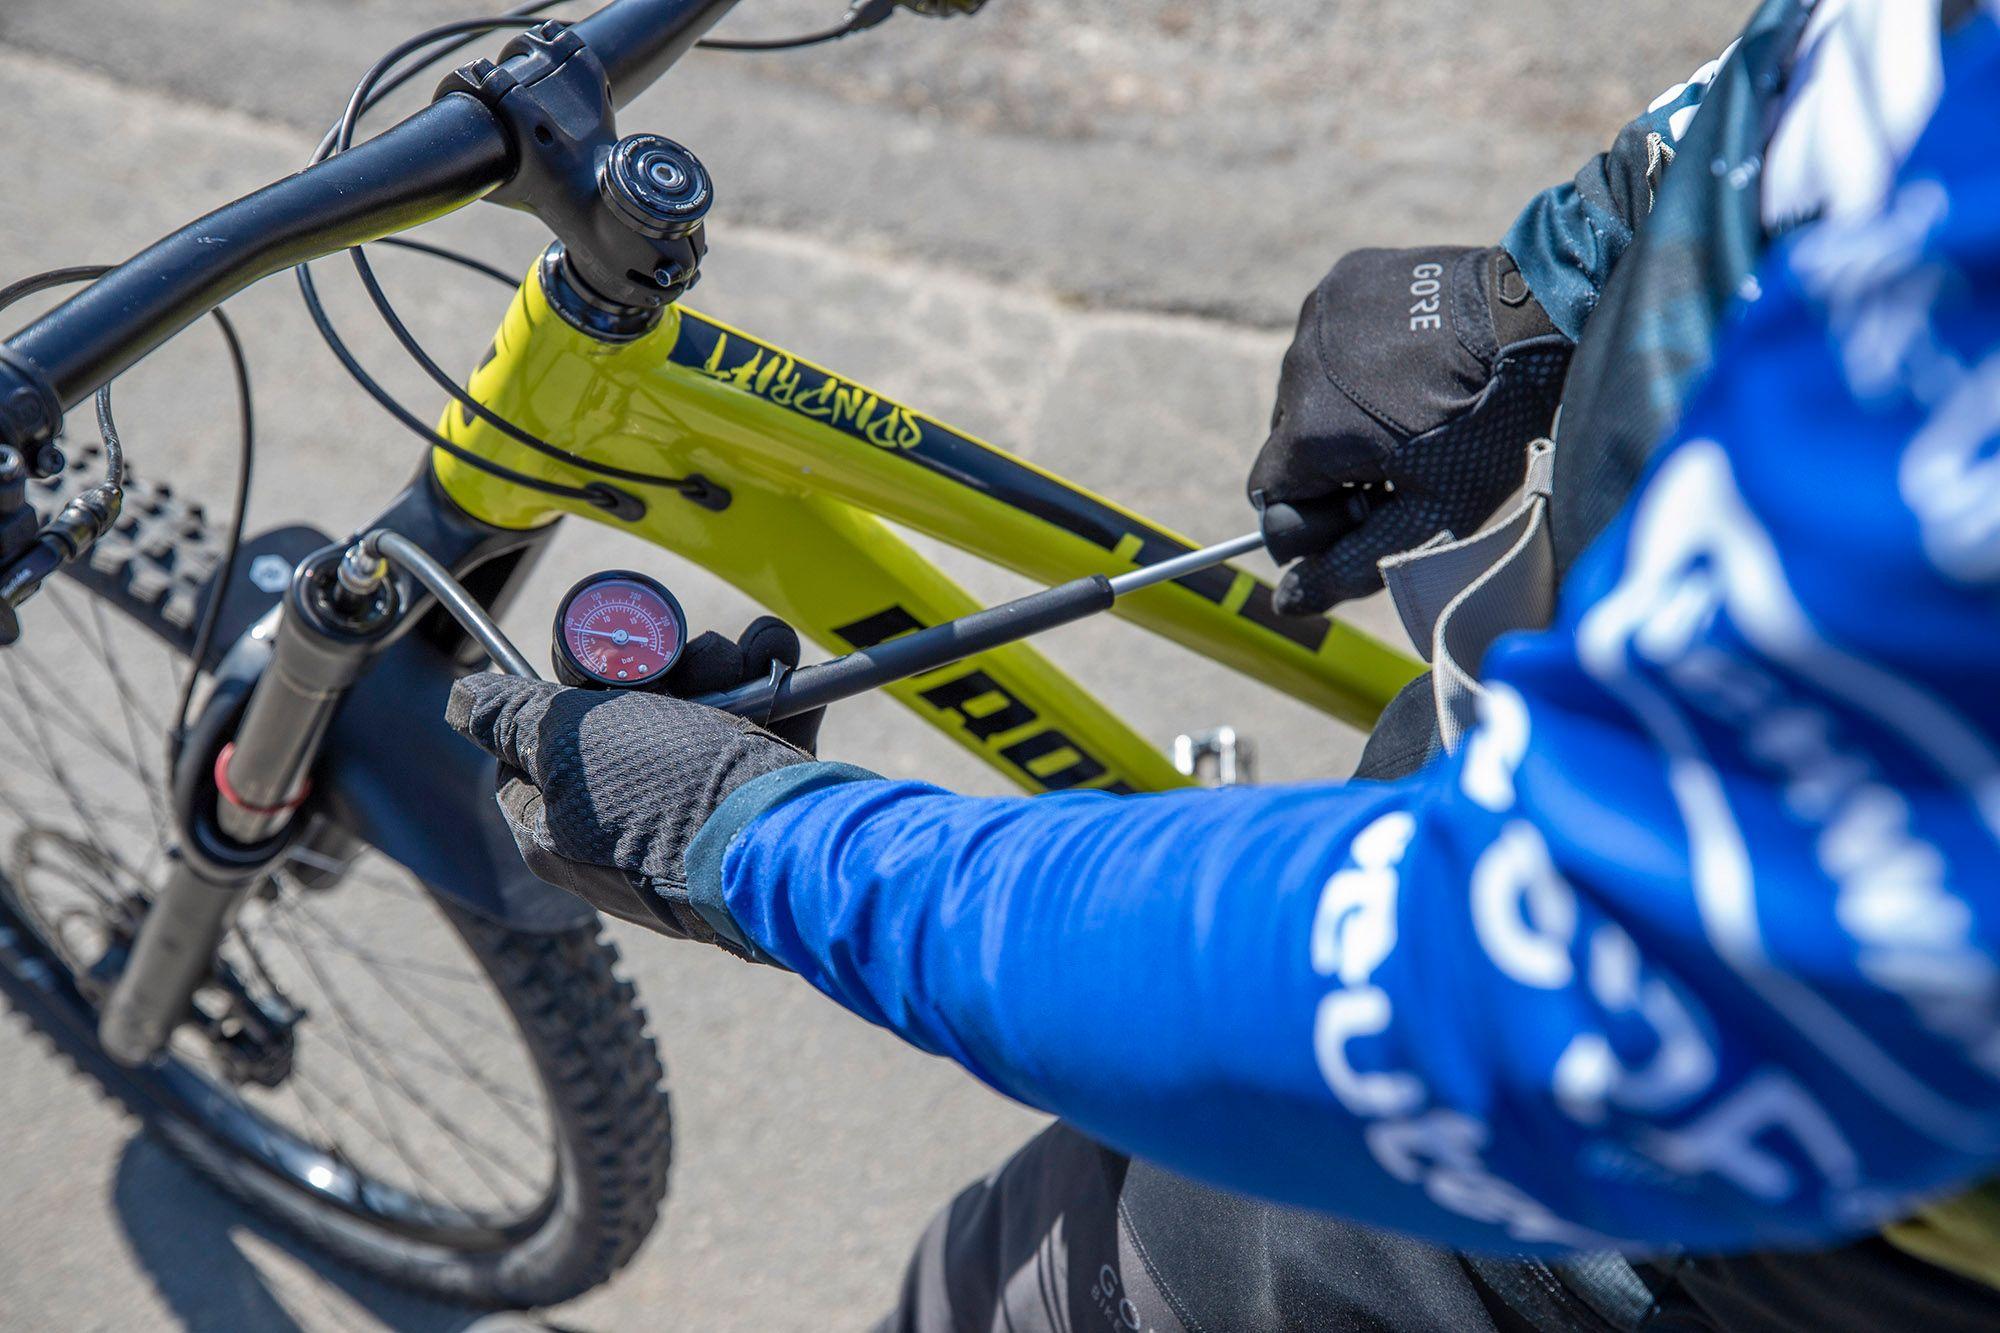 MTB Fahrtechnik Kurs Fortgeschrittene in Bad Orb |Spessart - Mountainbike Fortgeschritten - Rock my Trail Bikeschule - 11